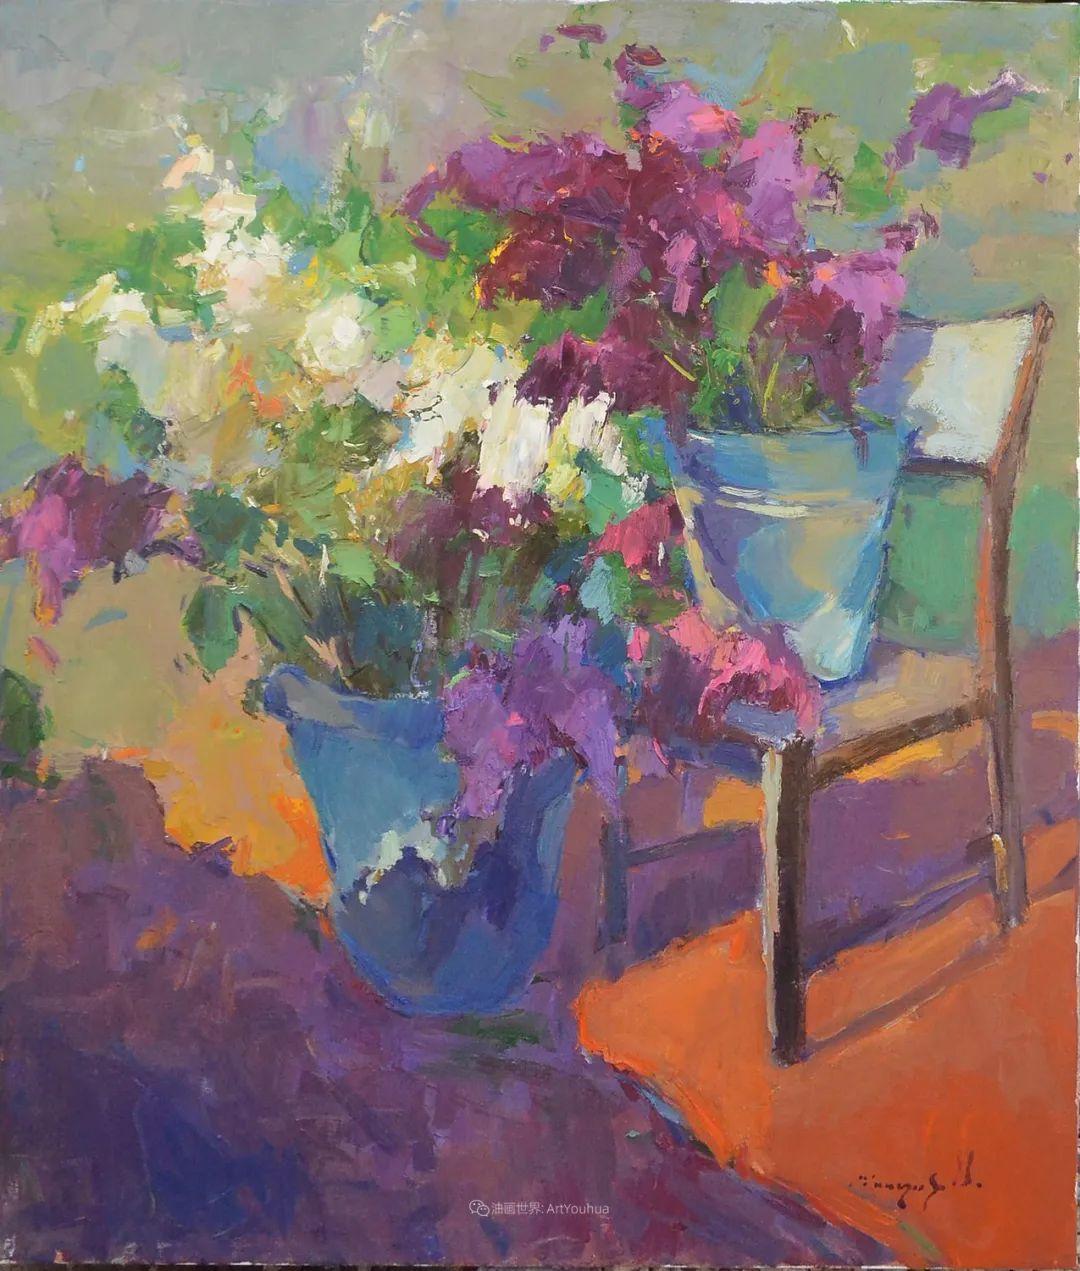 冷暖的色彩碰撞,迷人的静物与花卉作品!插图41